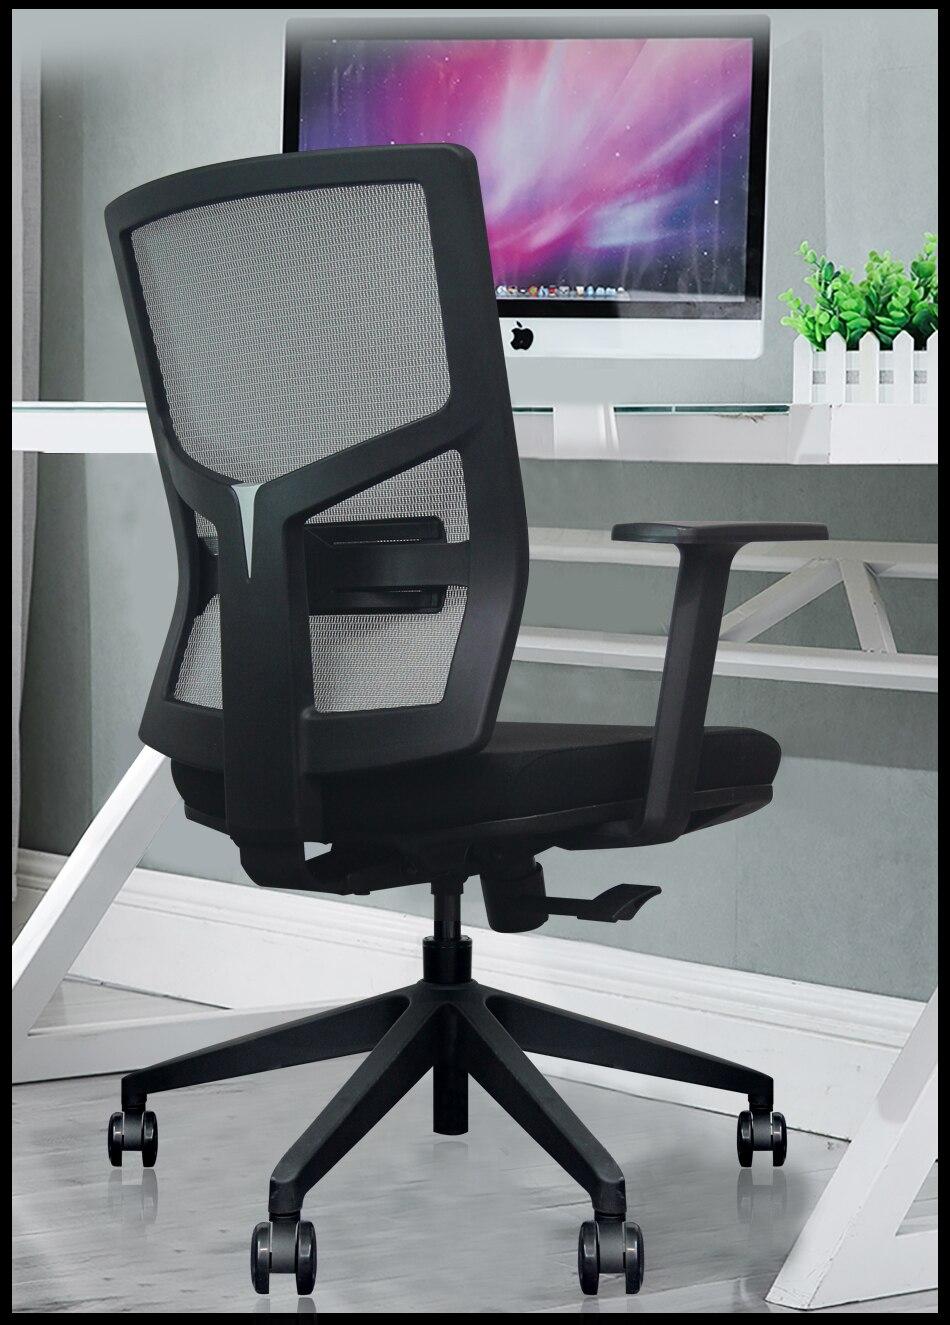 Chair Computer Yuan USA